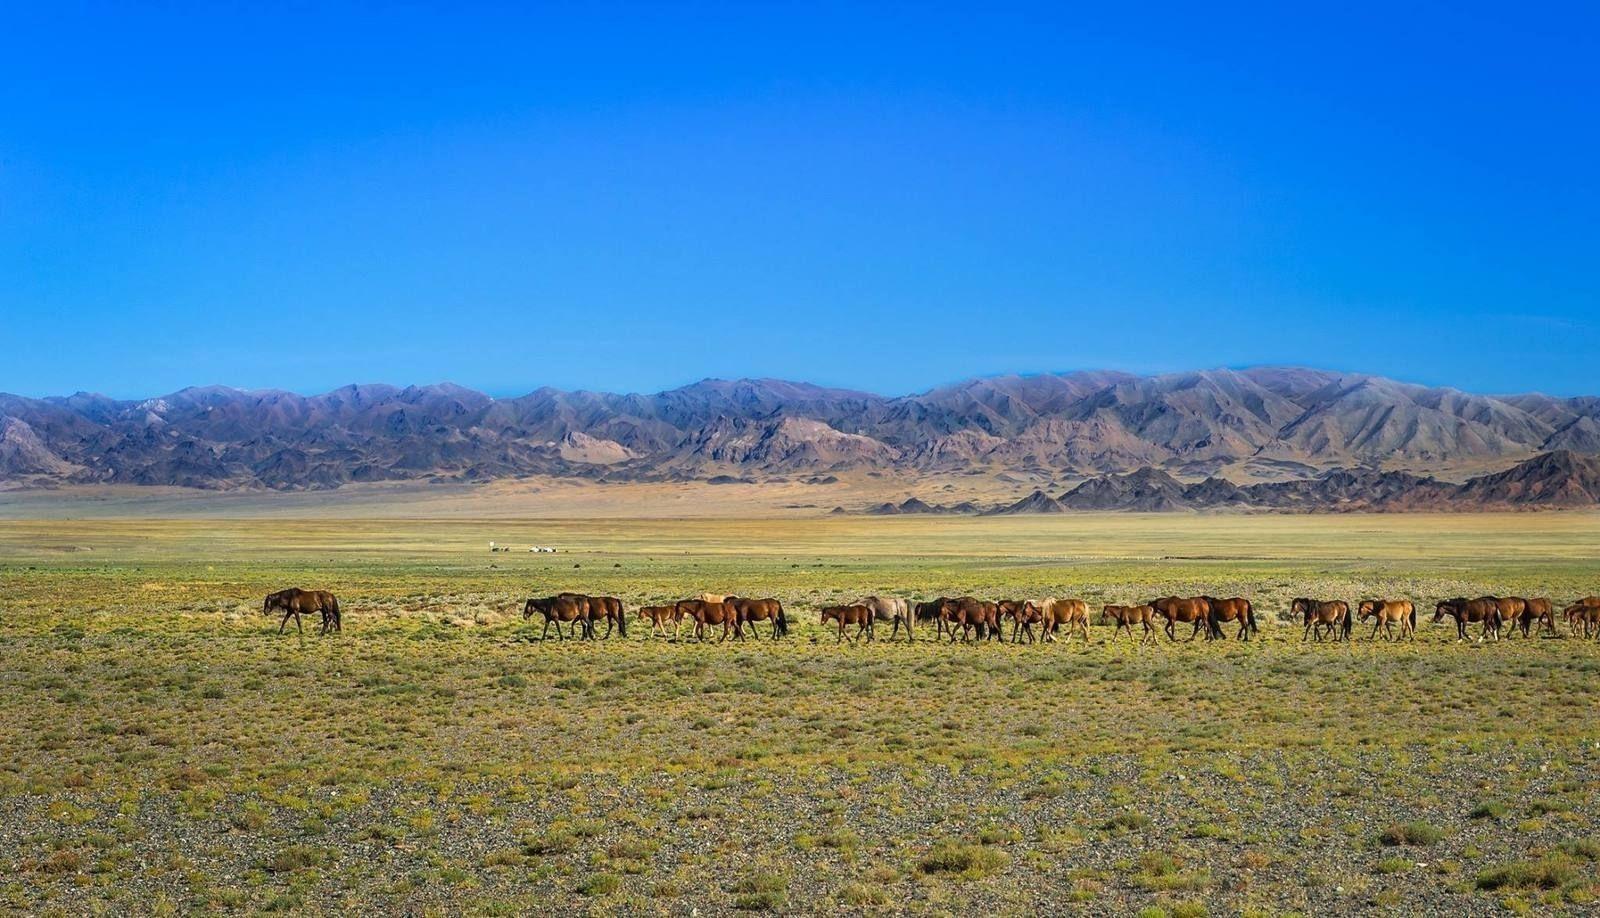 Khan Khukhii National Park